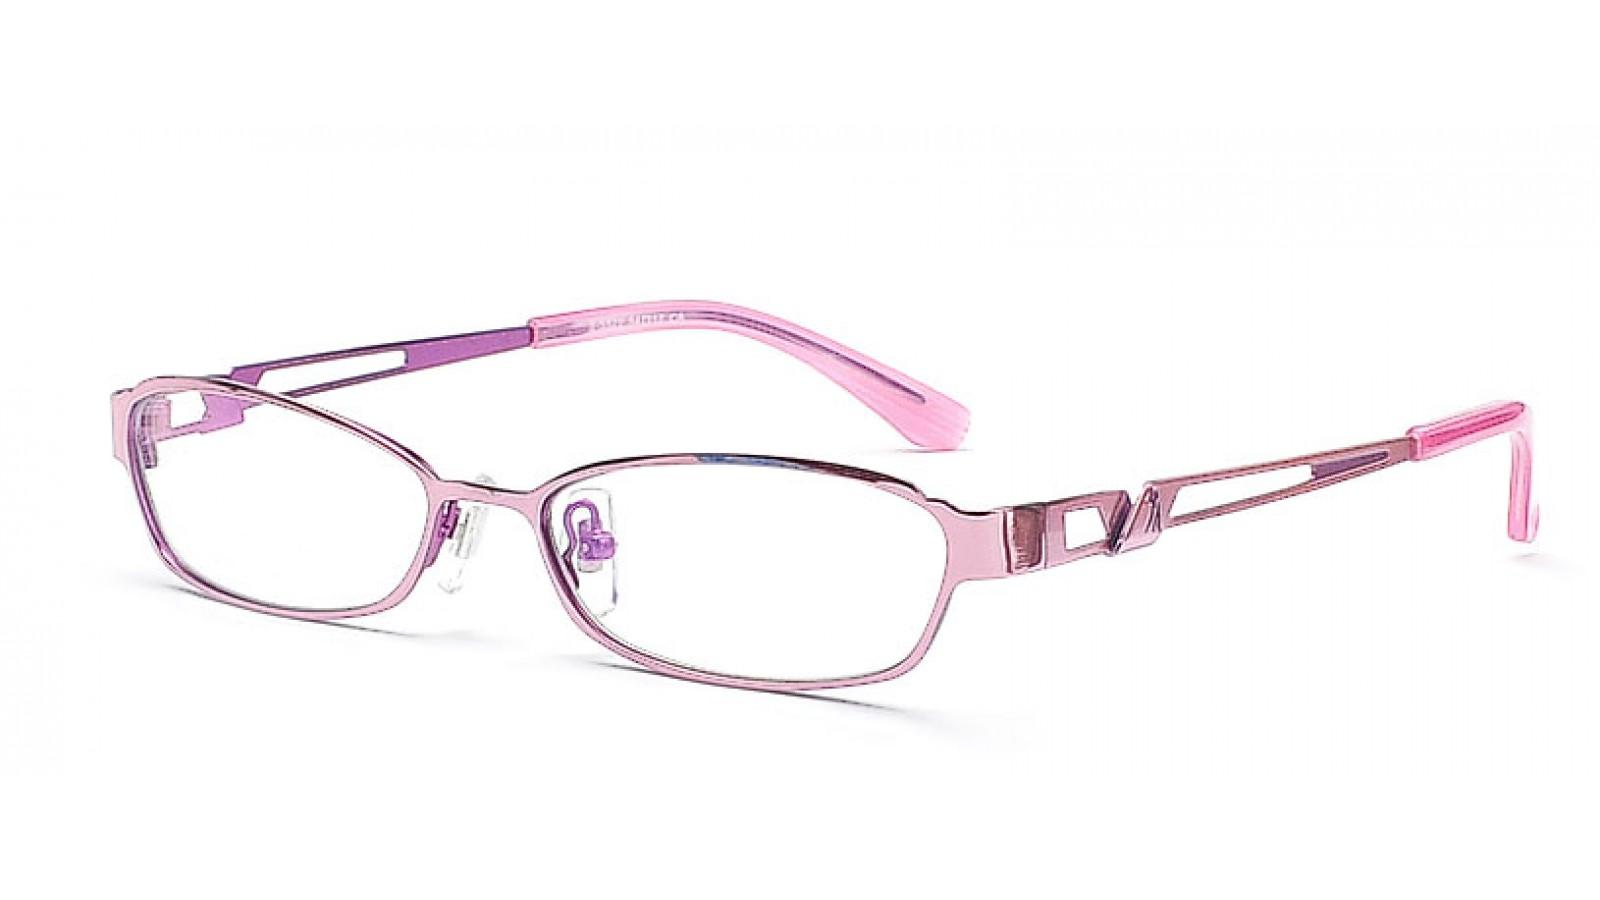 Brillen in der farbe lila   brillen in lila